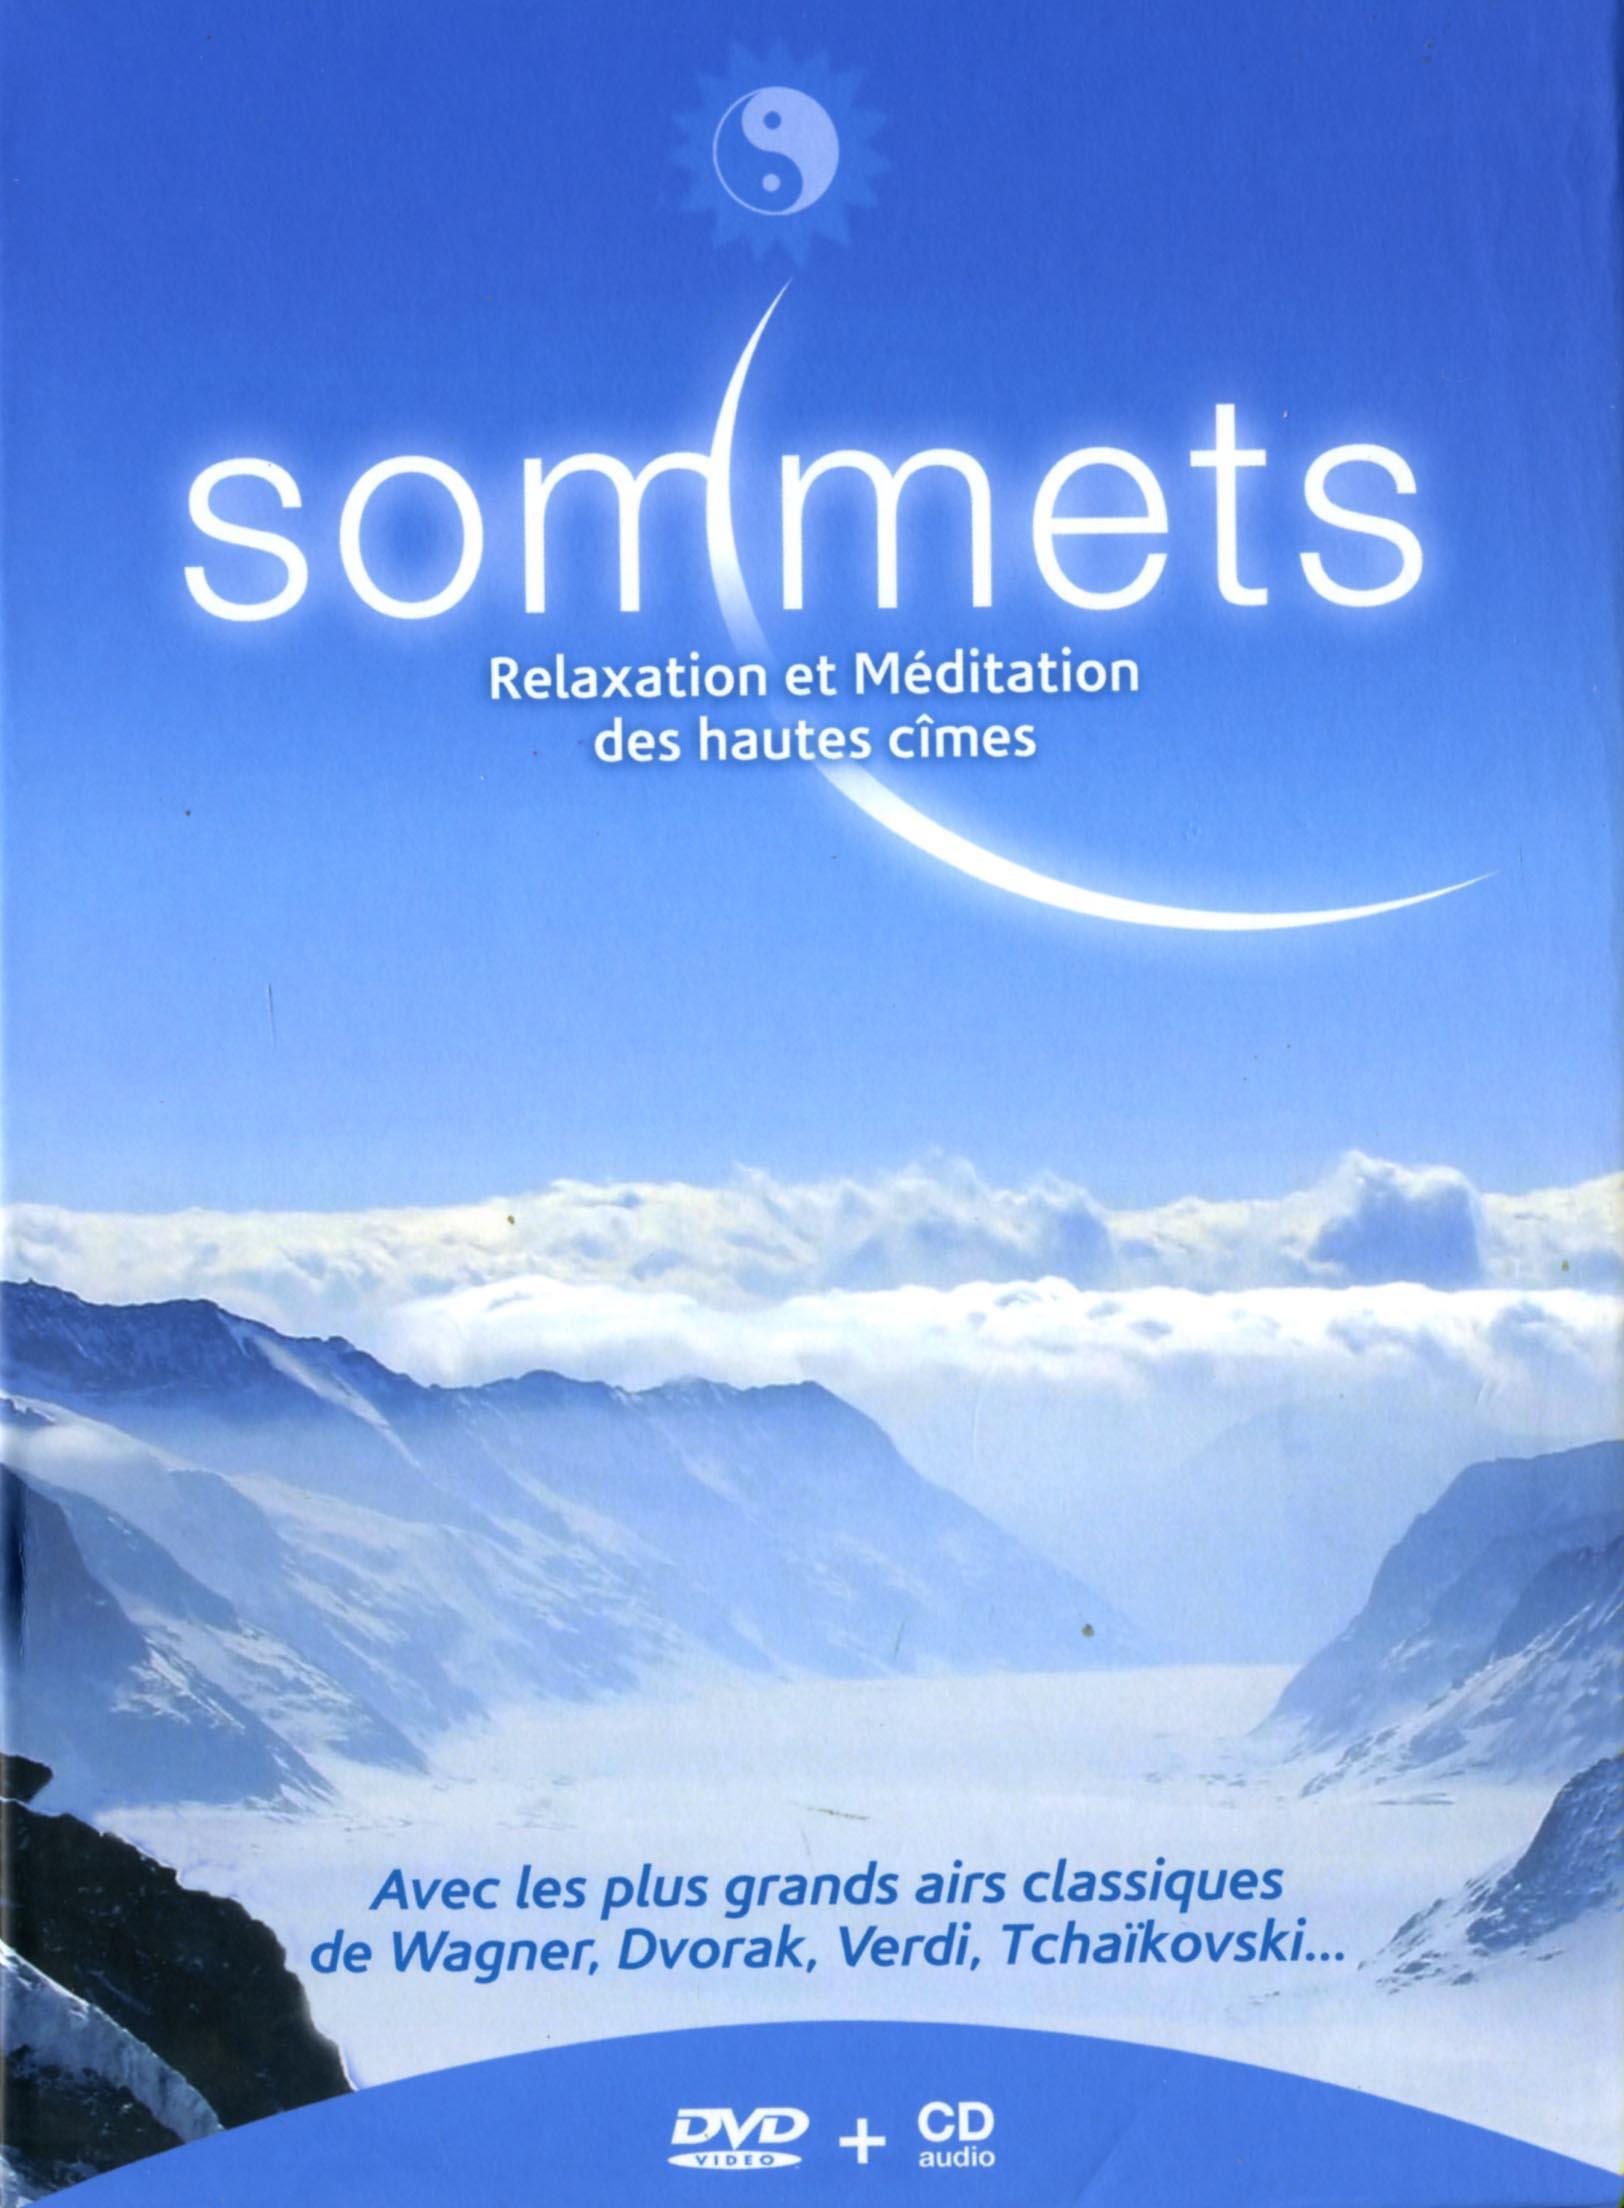 Sommets - dvd + cd